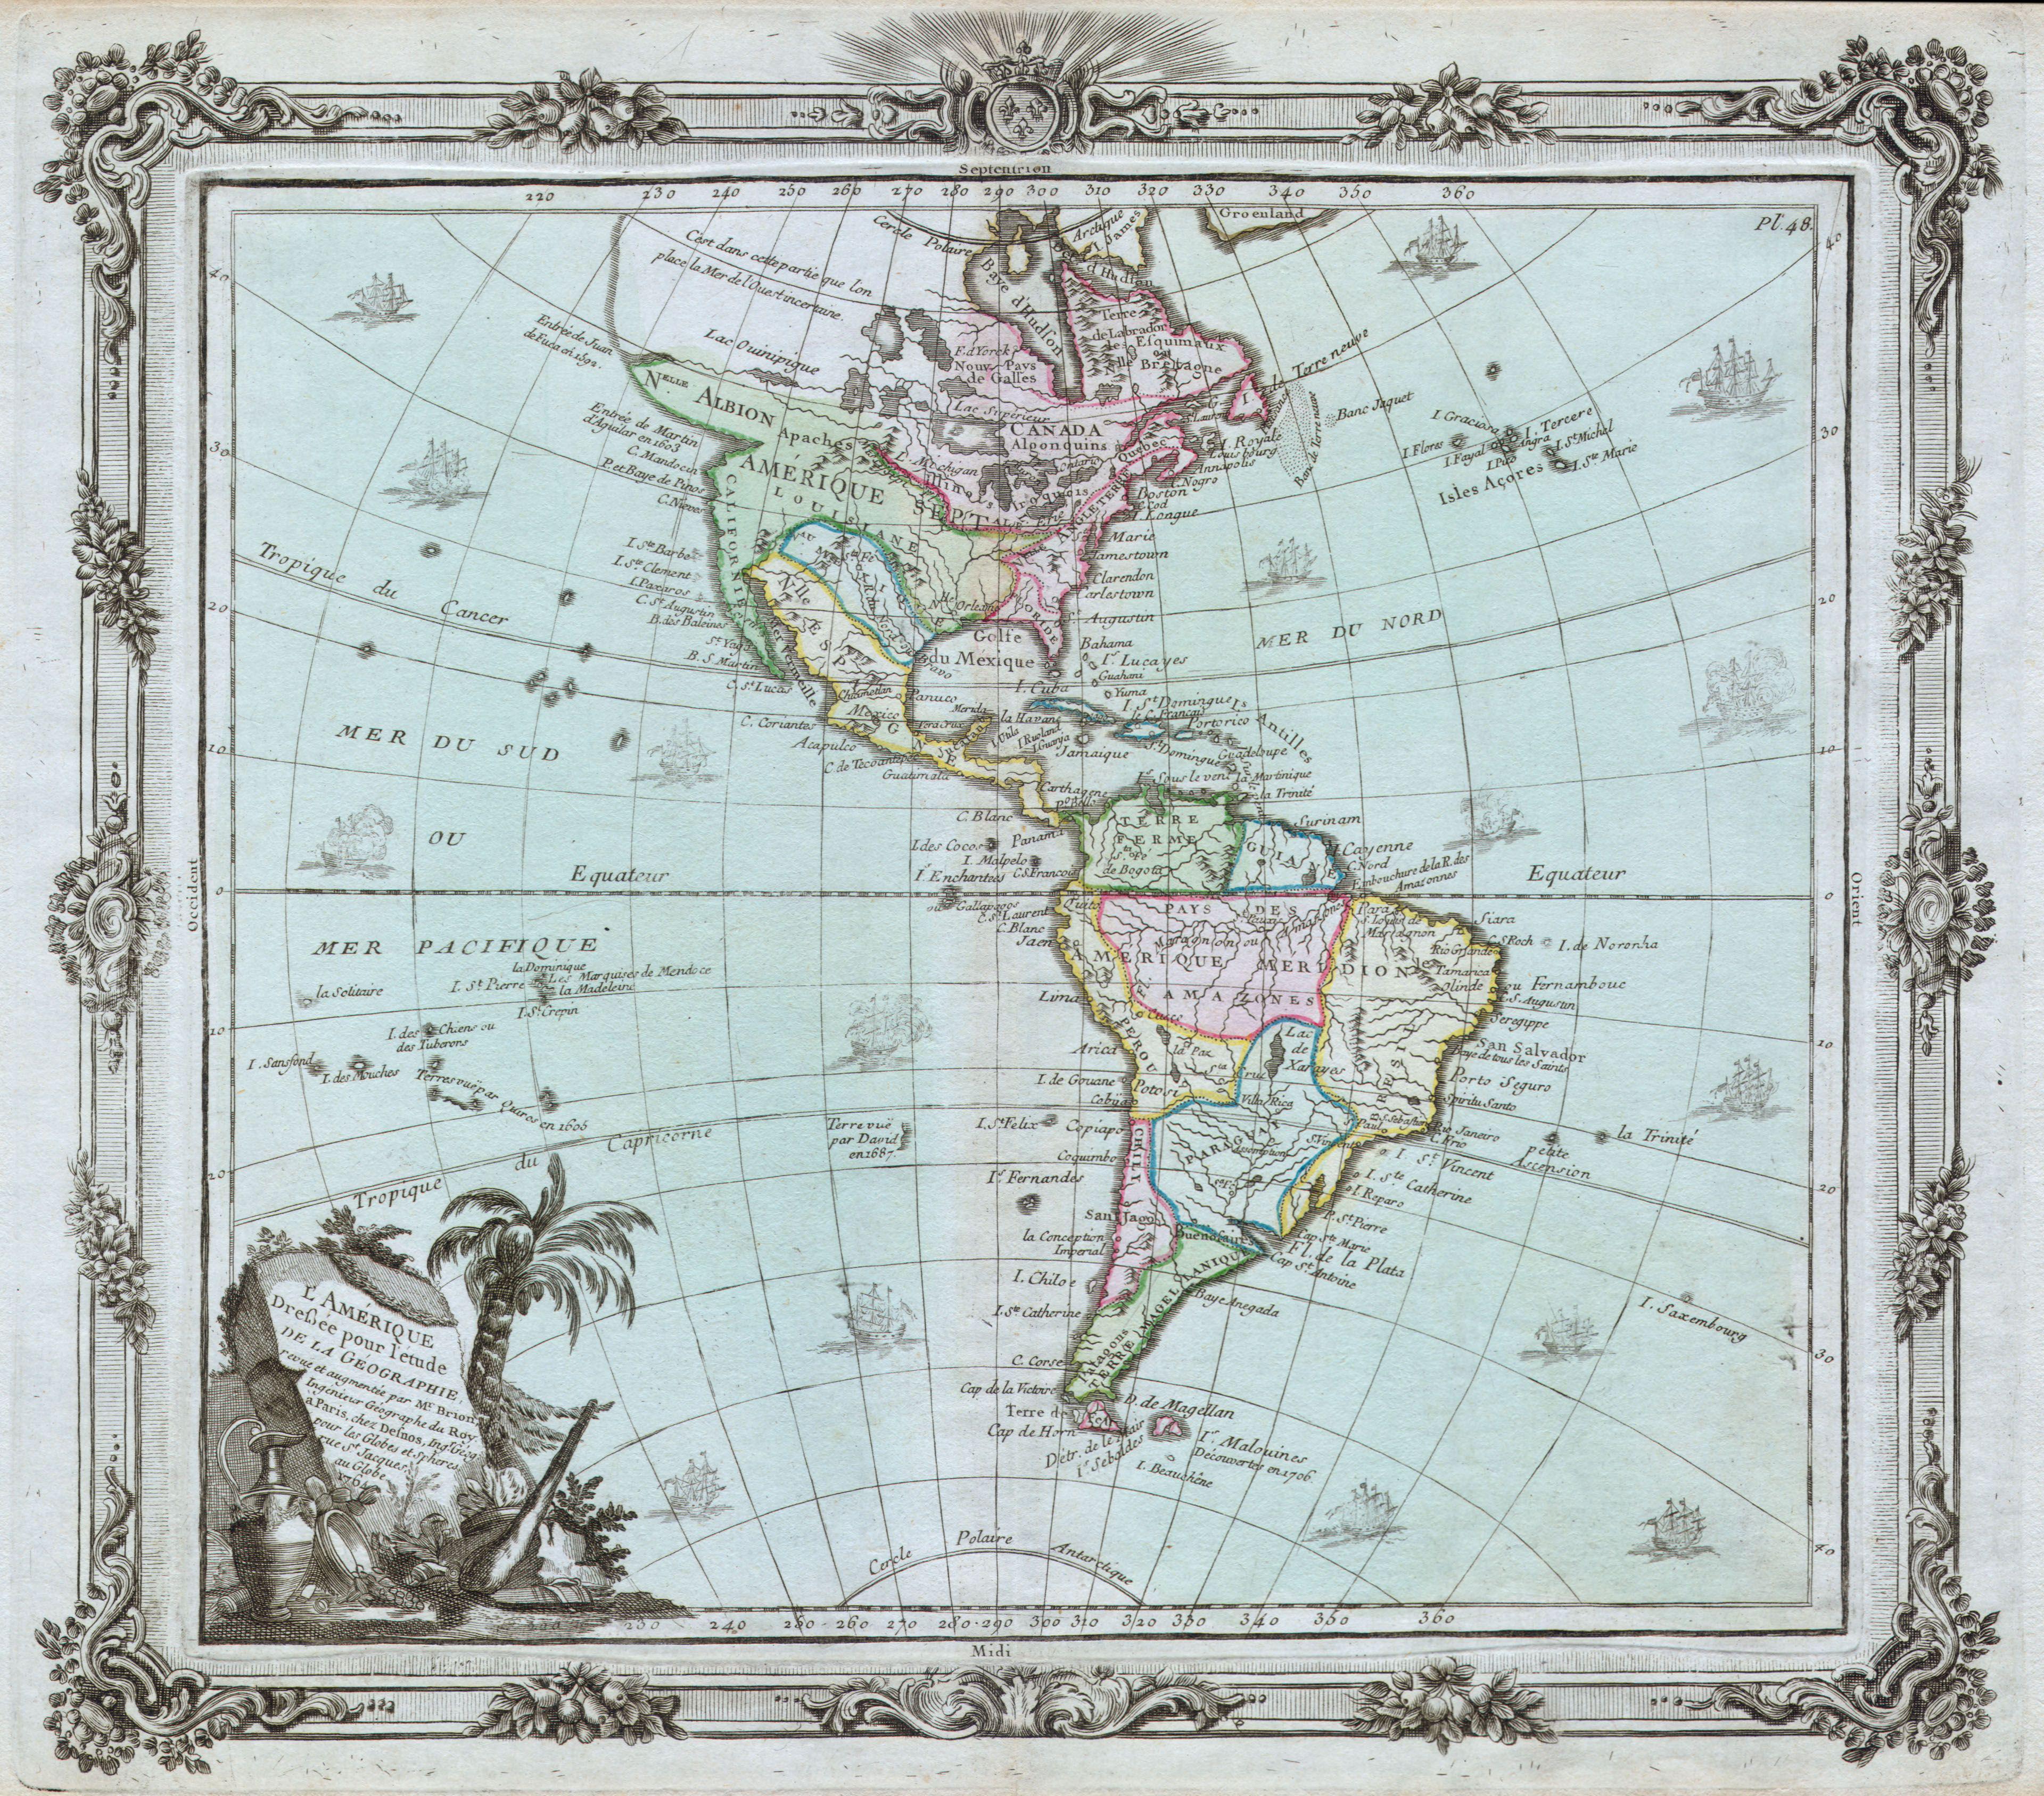 file 1764 brion de la tour map of america north america south america